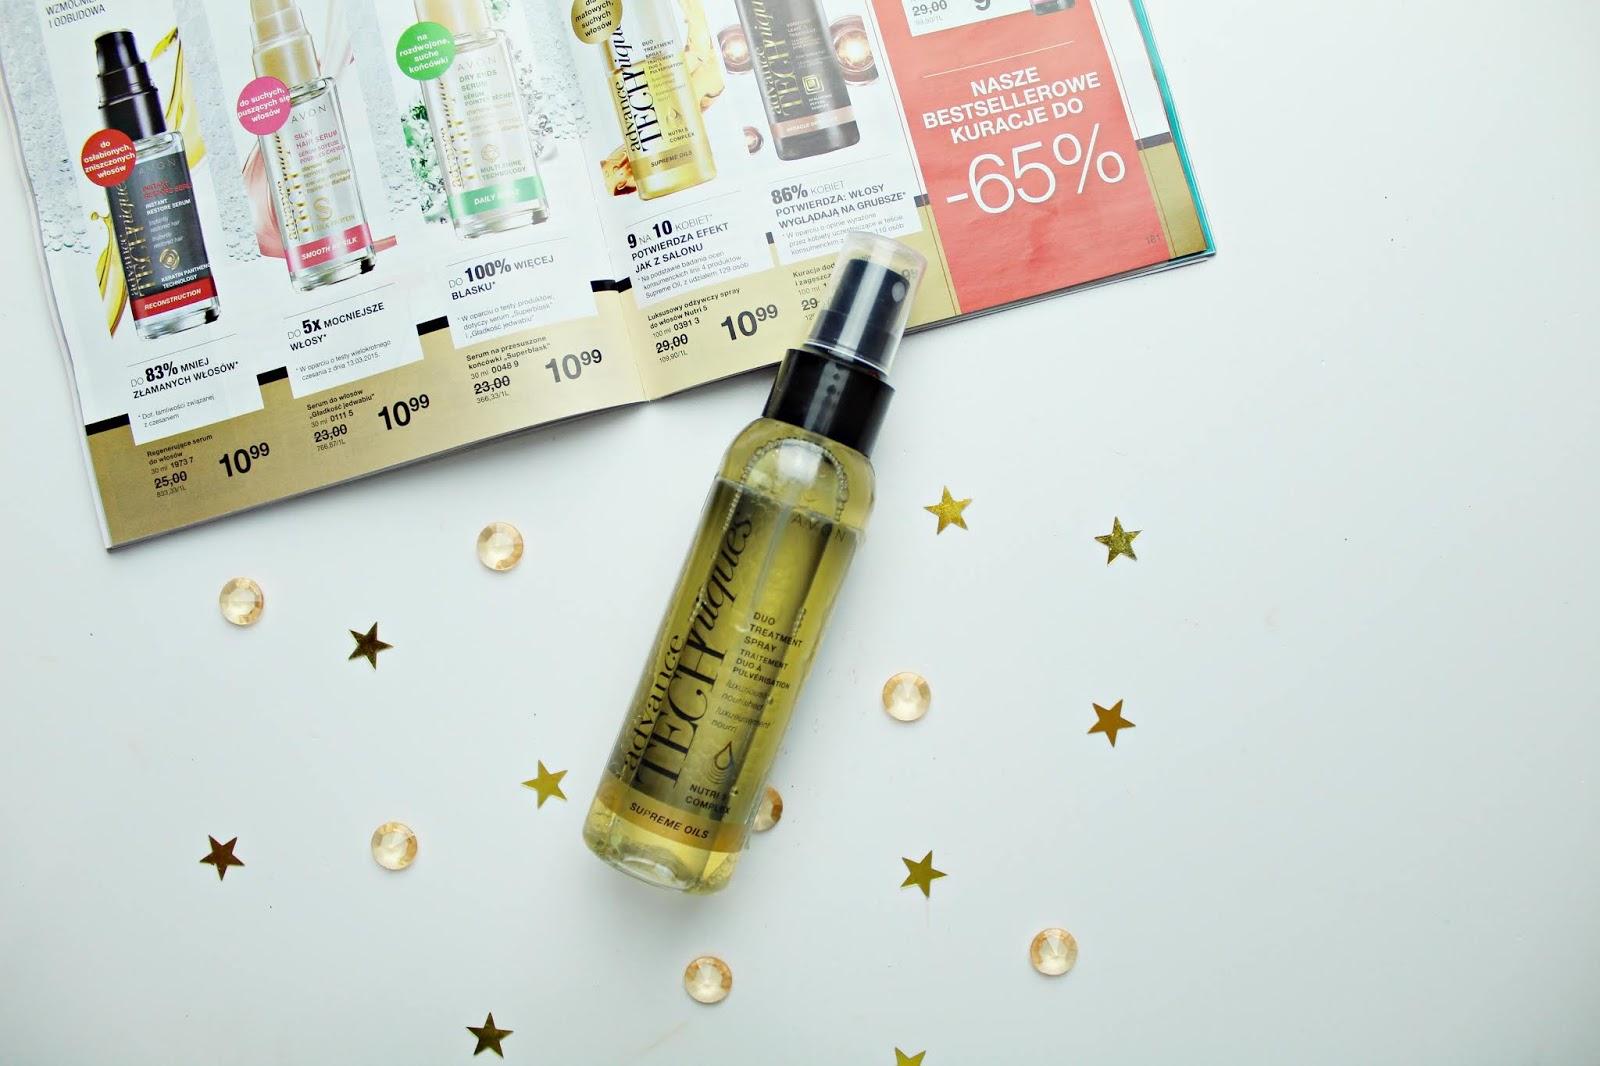 luksusowy odżywczy spray do włosów avon nutri5